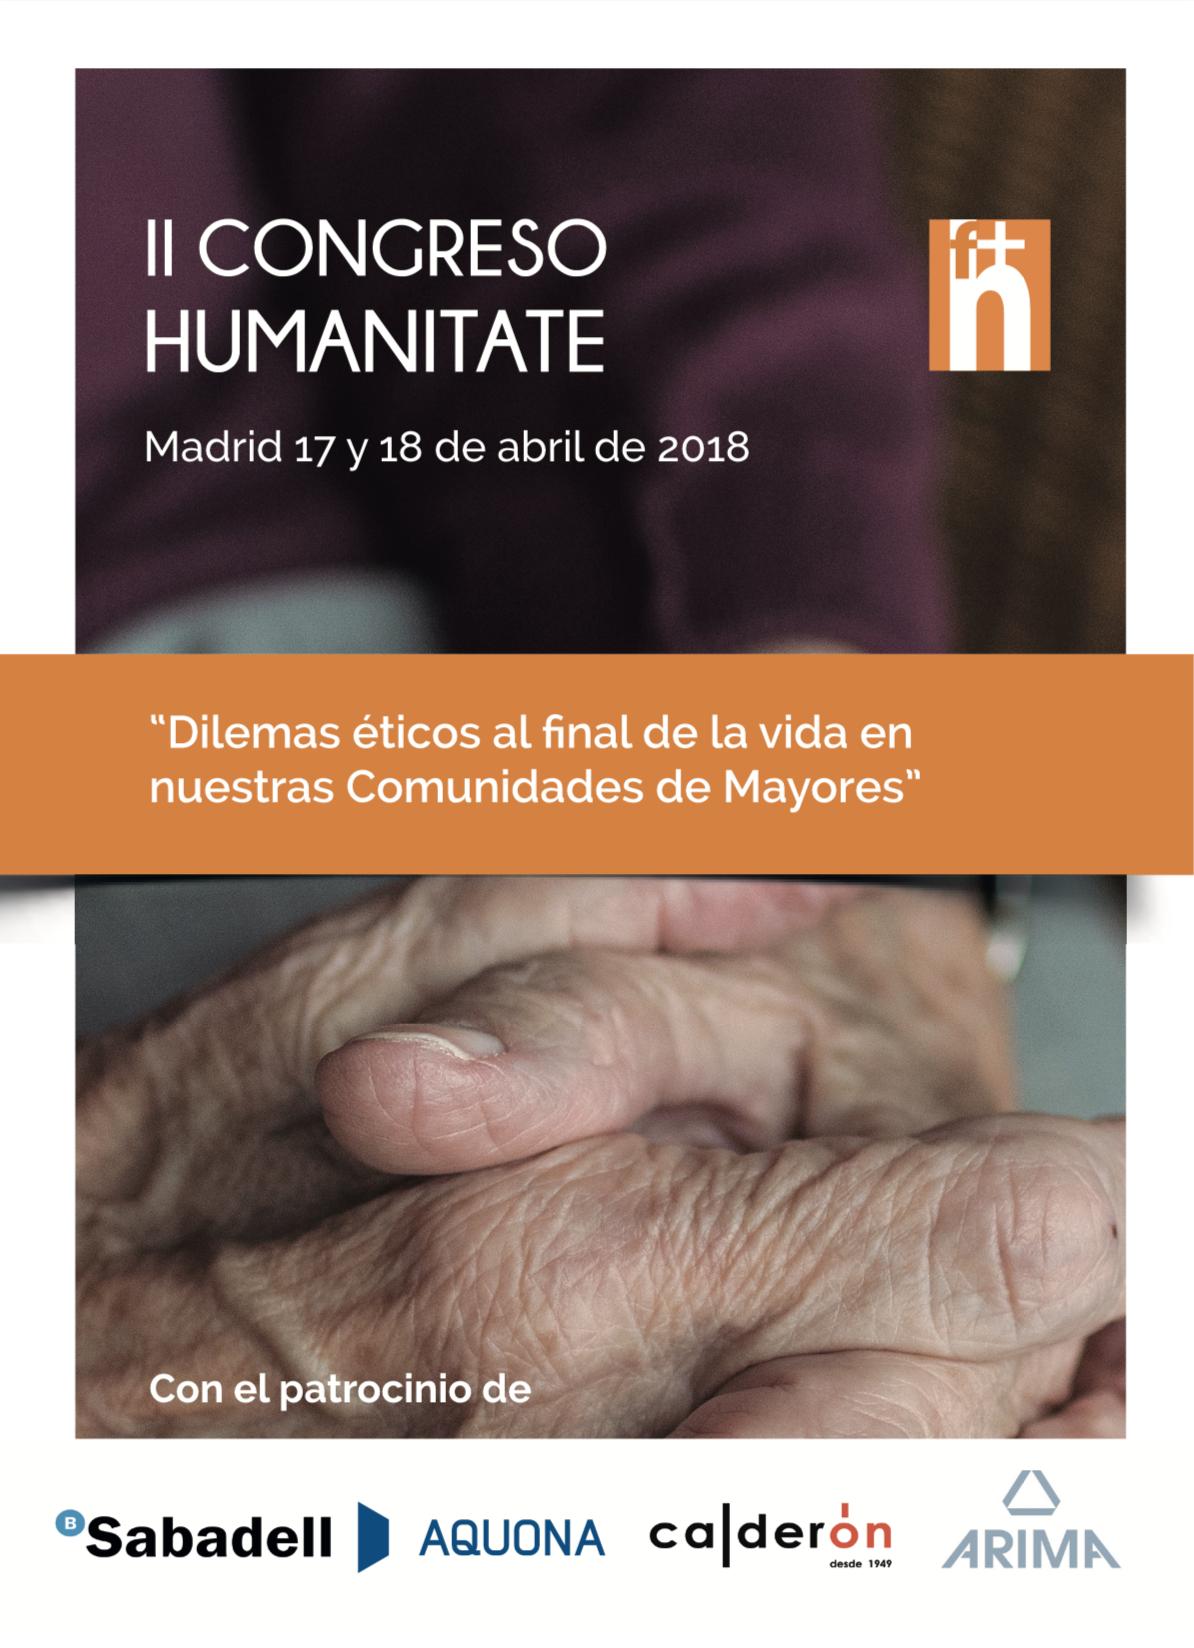 II Congreso Humanitate